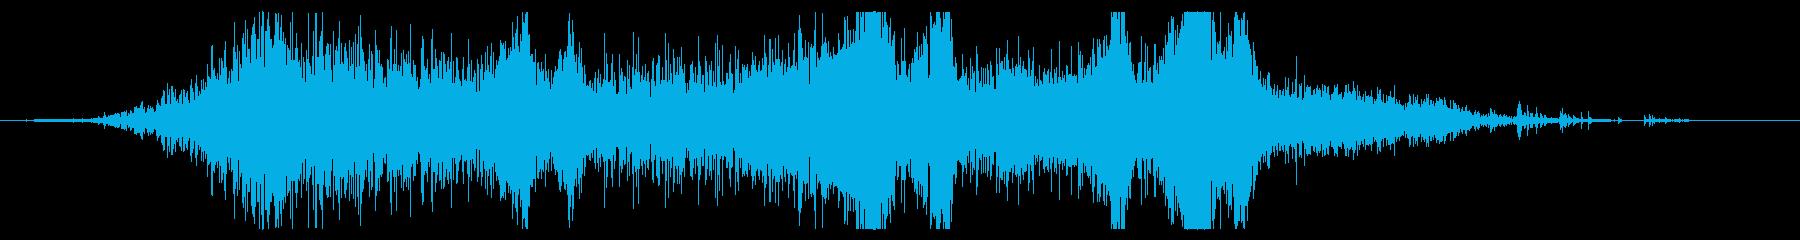 ゴーストスケルトンスペルのアニメートの再生済みの波形